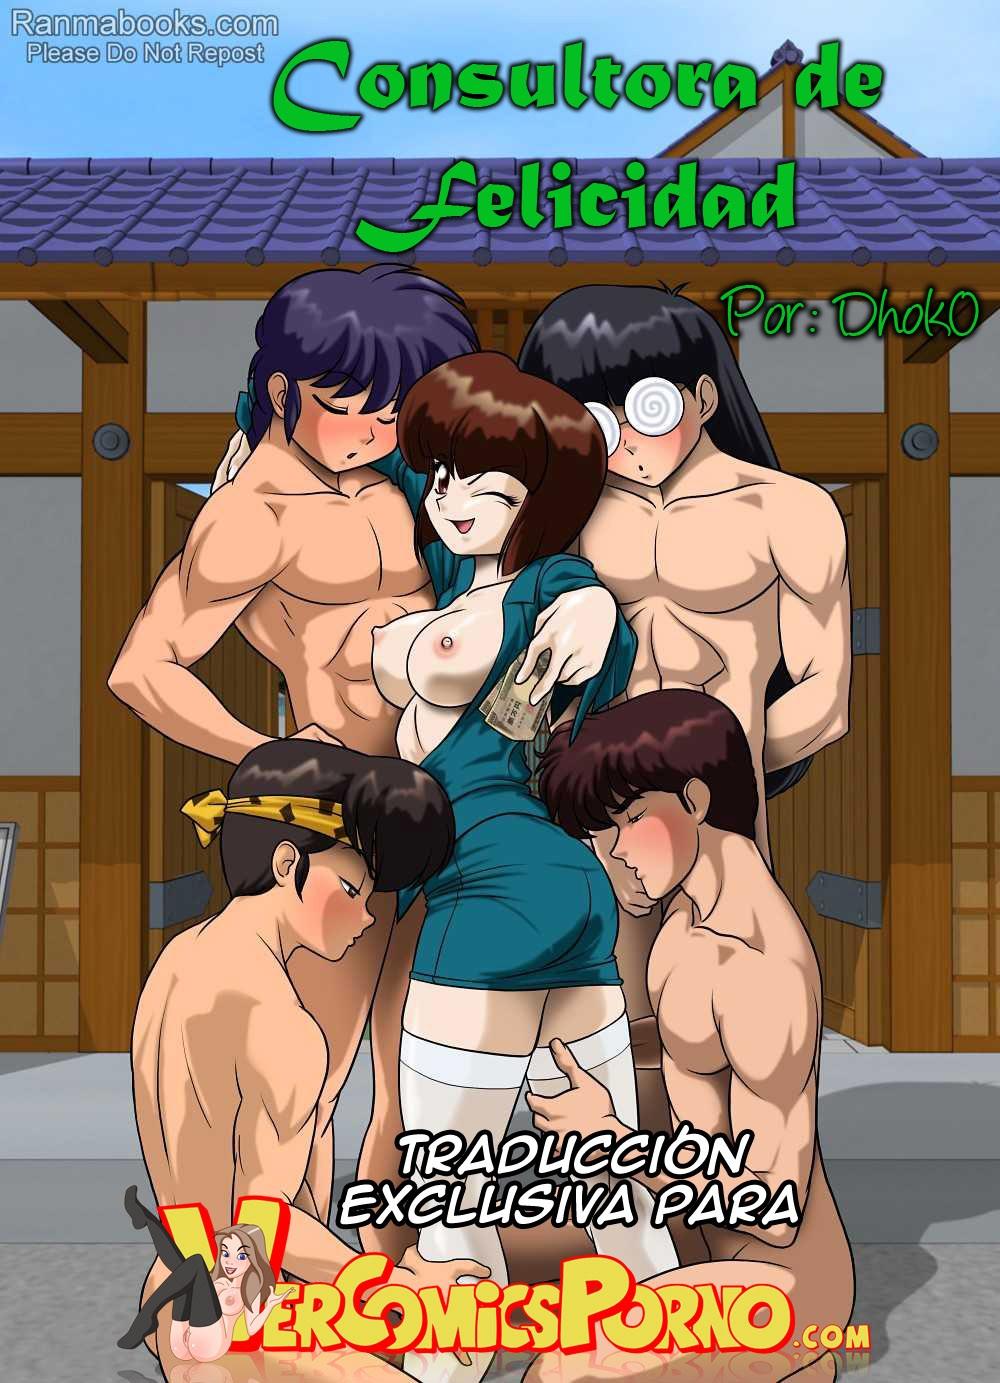 hentai ranma comics